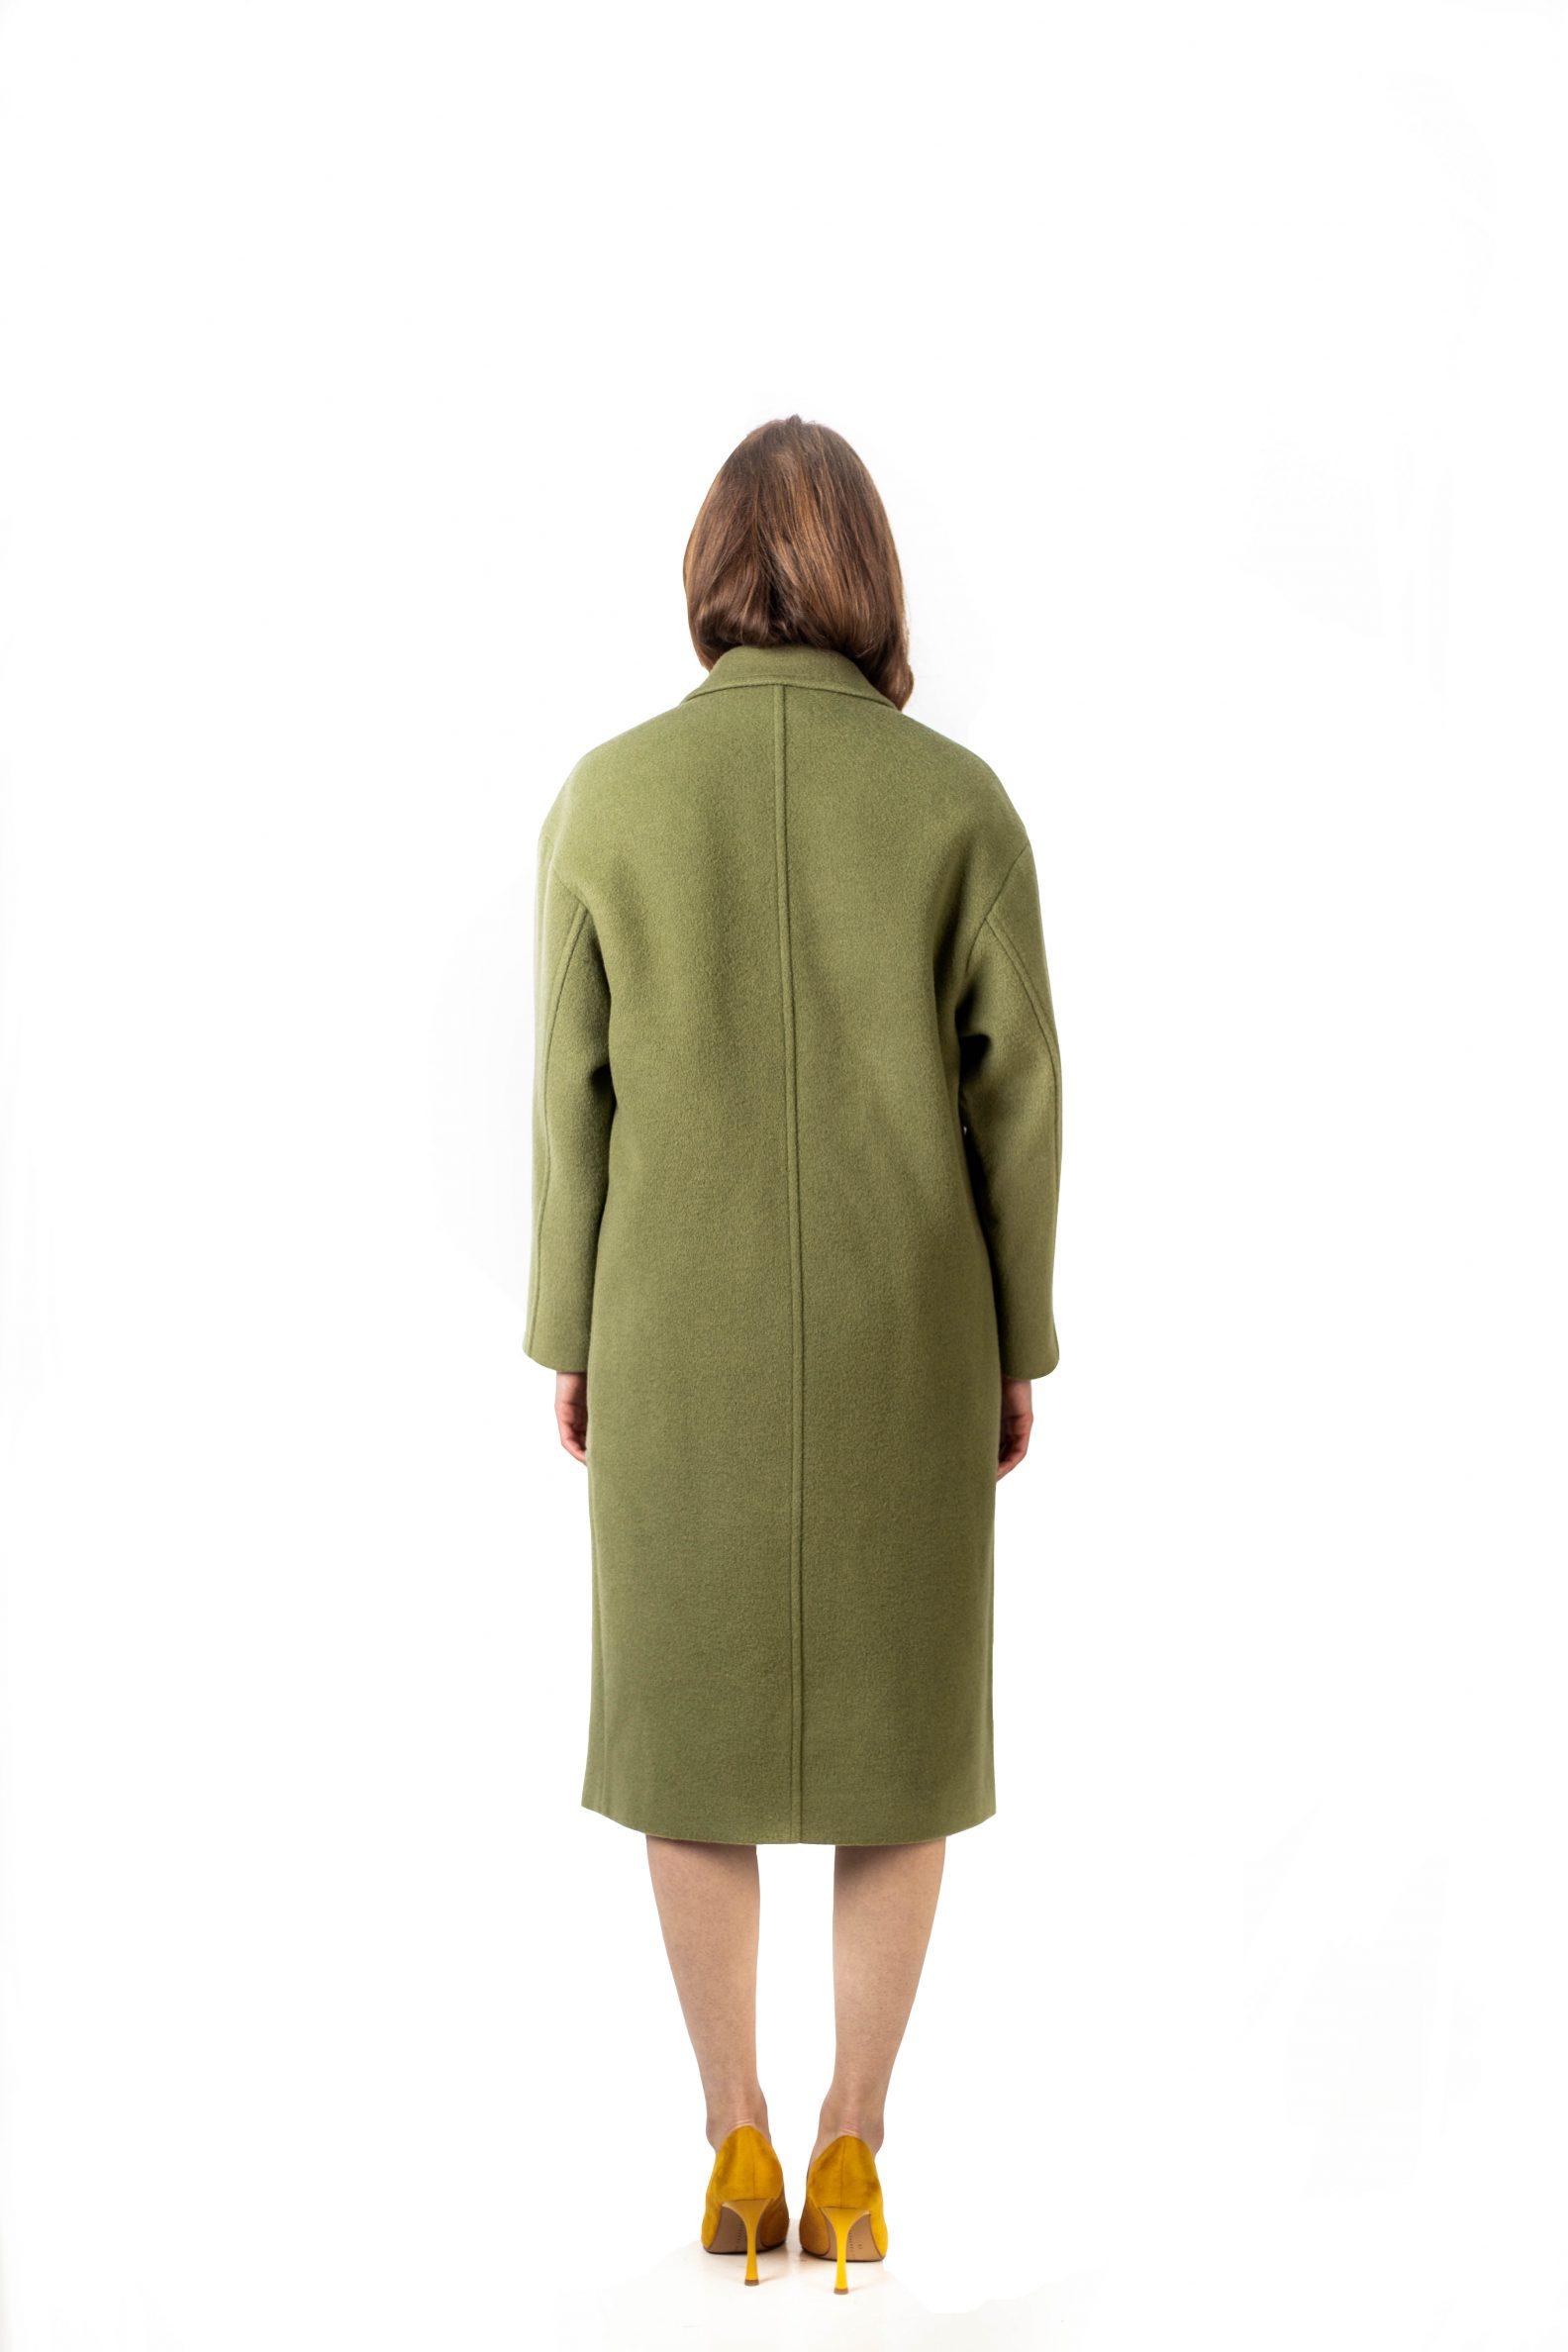 3-manteau-croise-oversize-laine-affaires-etrangeres-paris-mode-coreenne-besides-kimchi-lookast